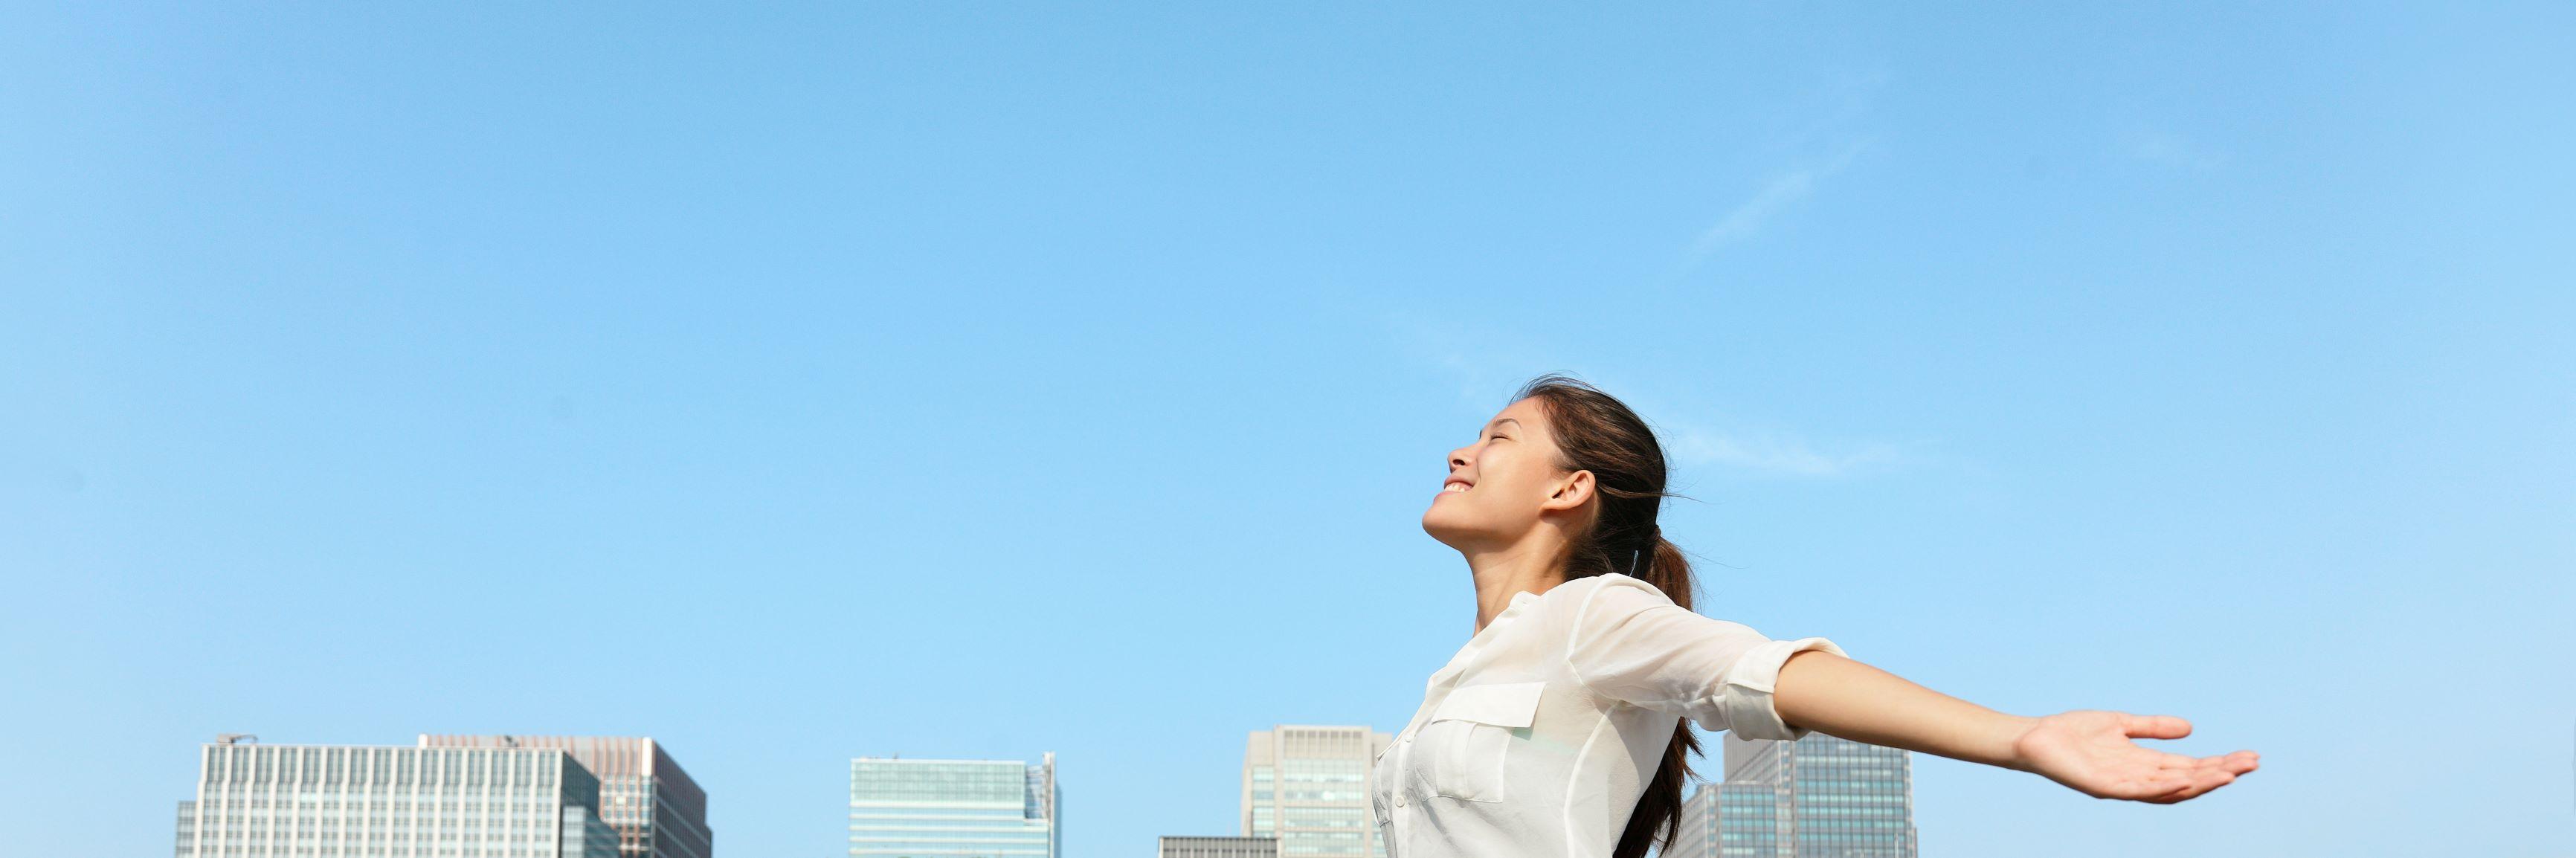 photo of blue skies, buildings woman